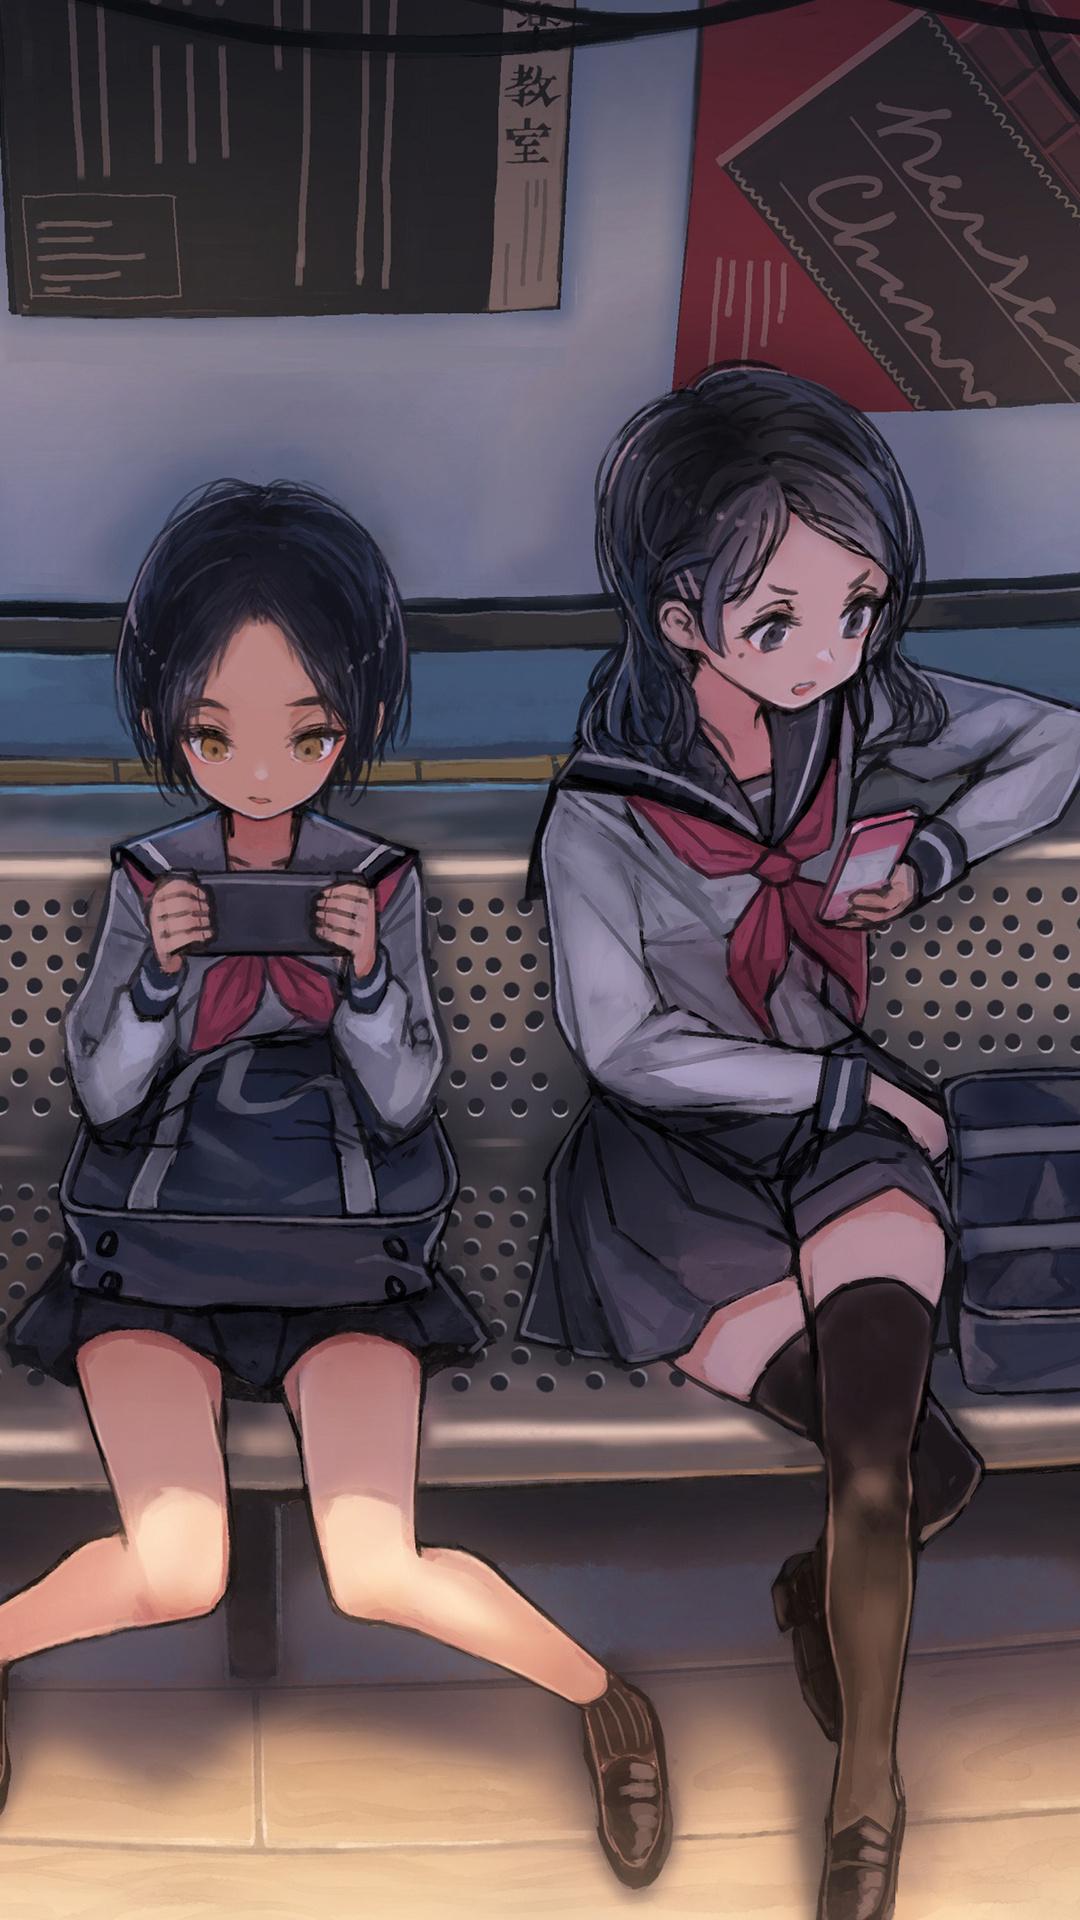 1080x1920 Anime Schoool Girls On Phones Waiting For Bus 4k